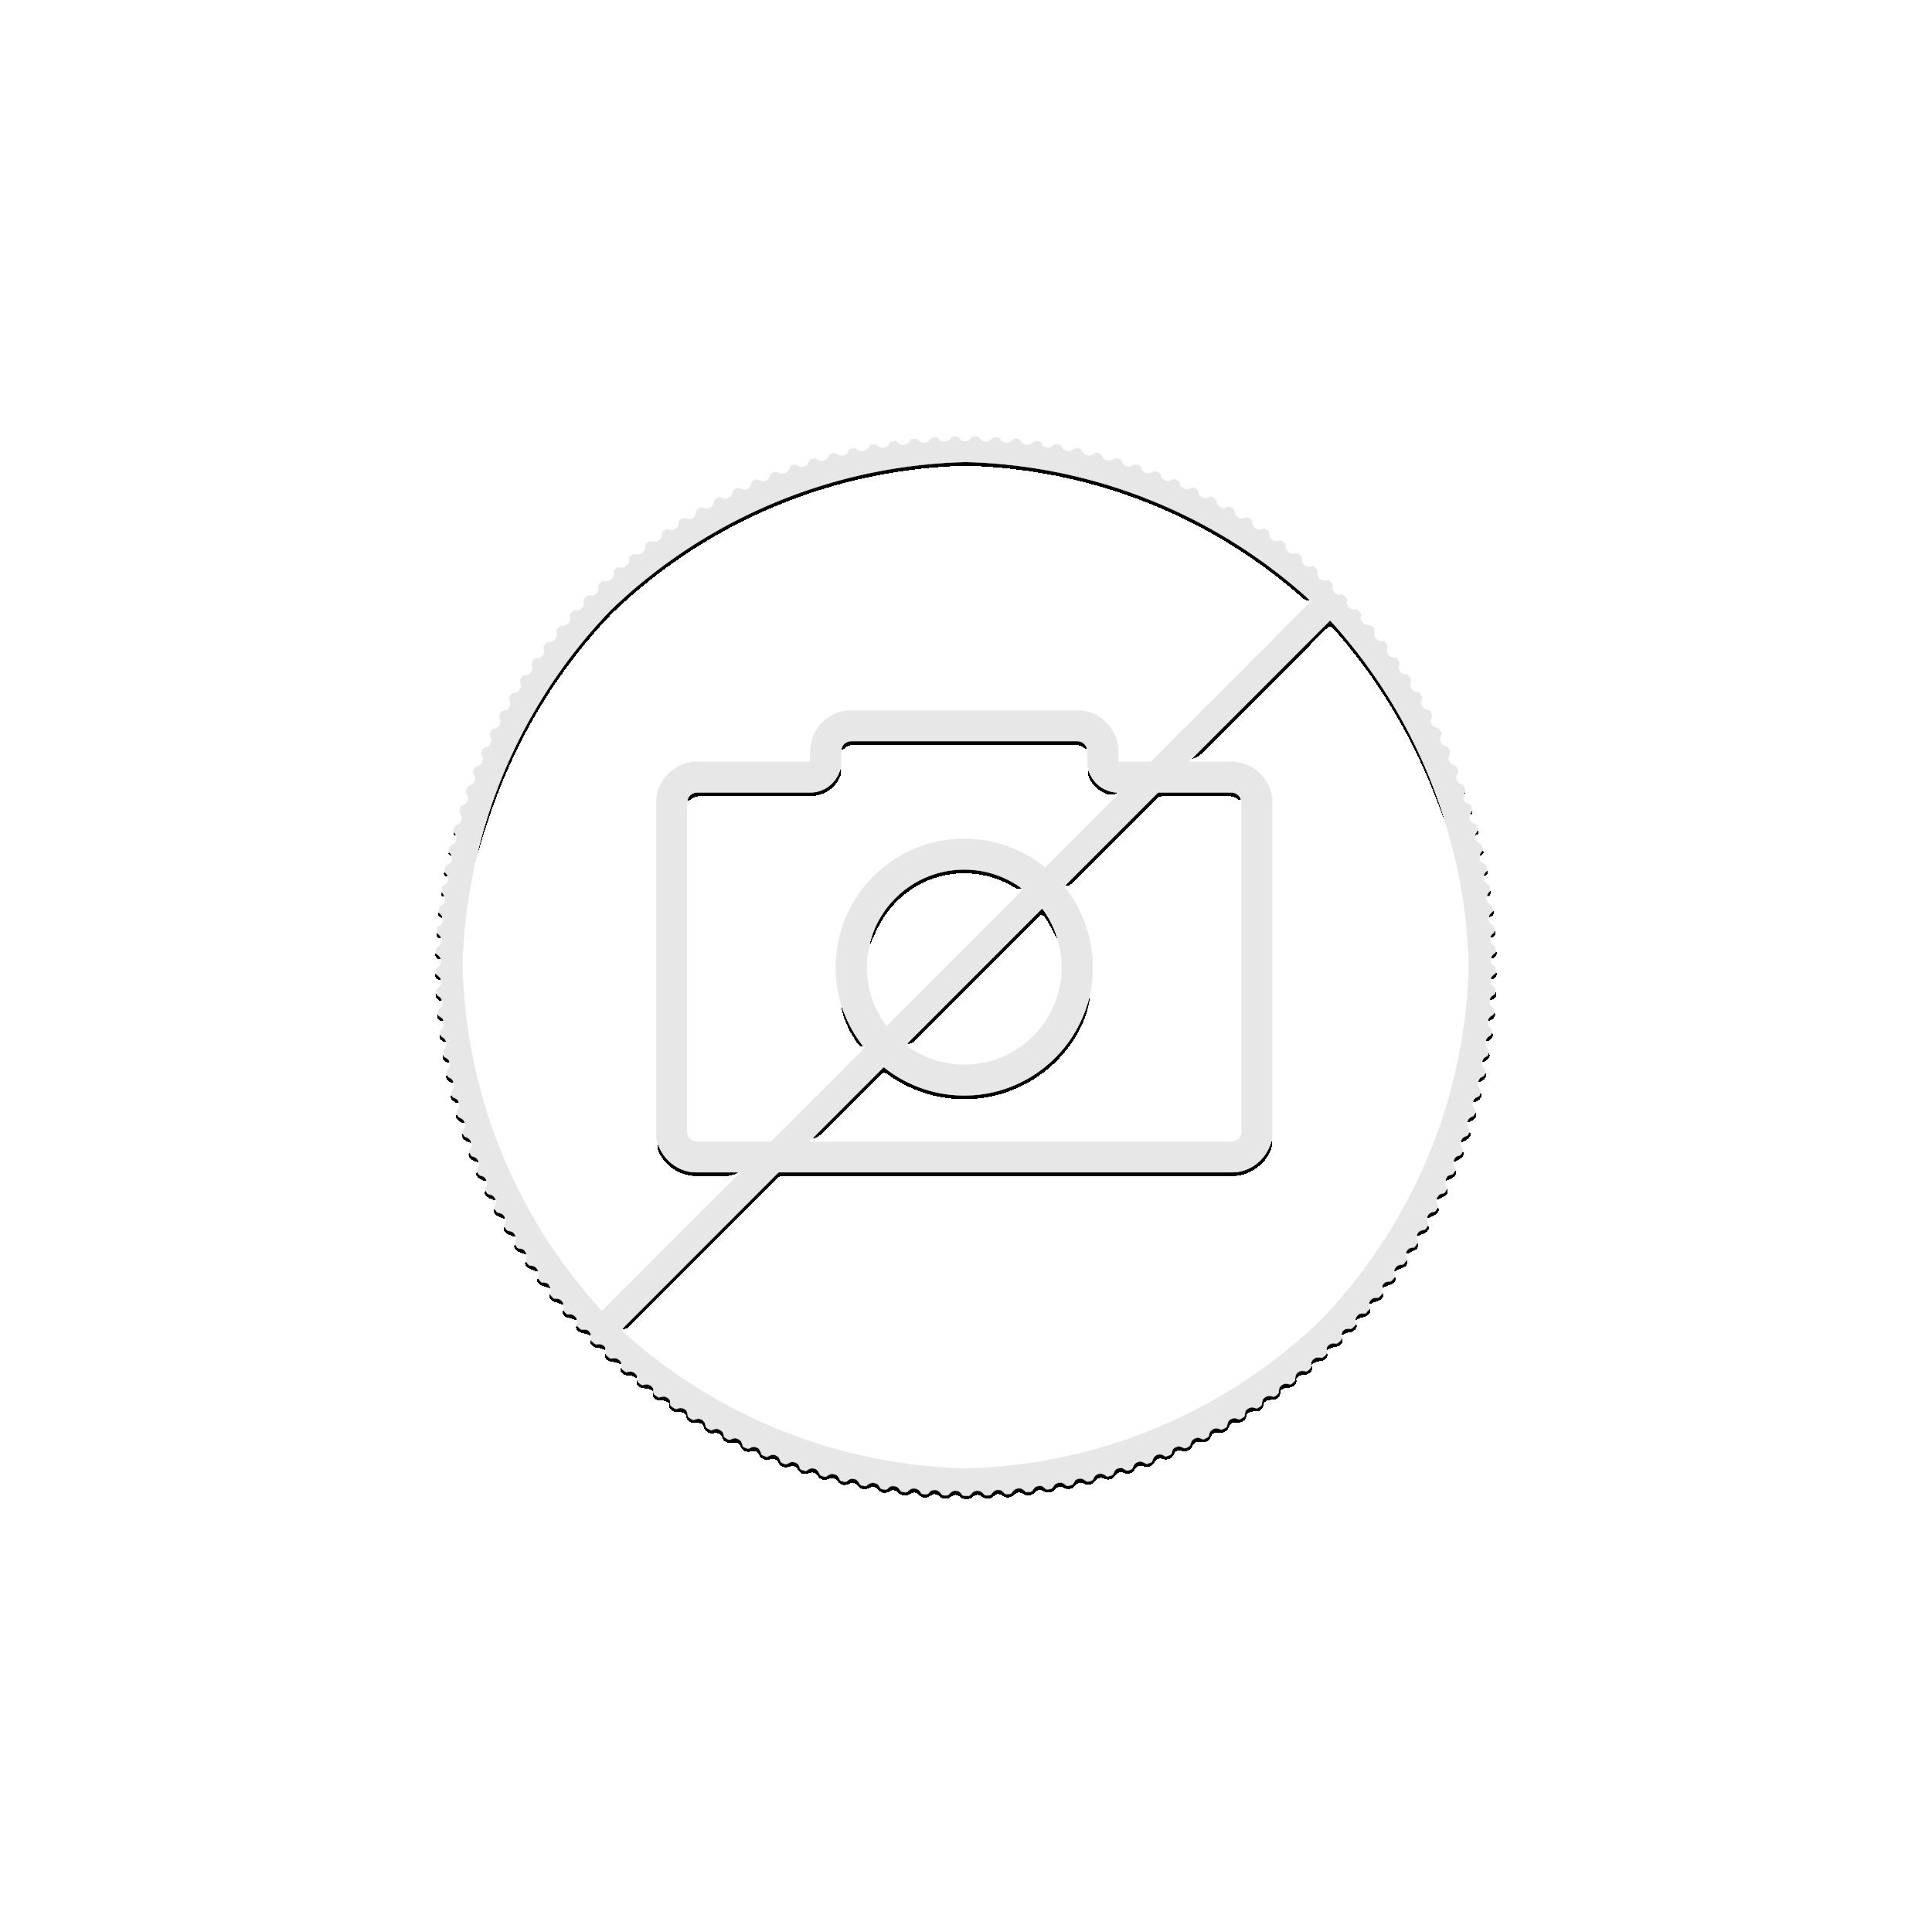 2016 - Silver coin Kookaburra 1 troy ounce